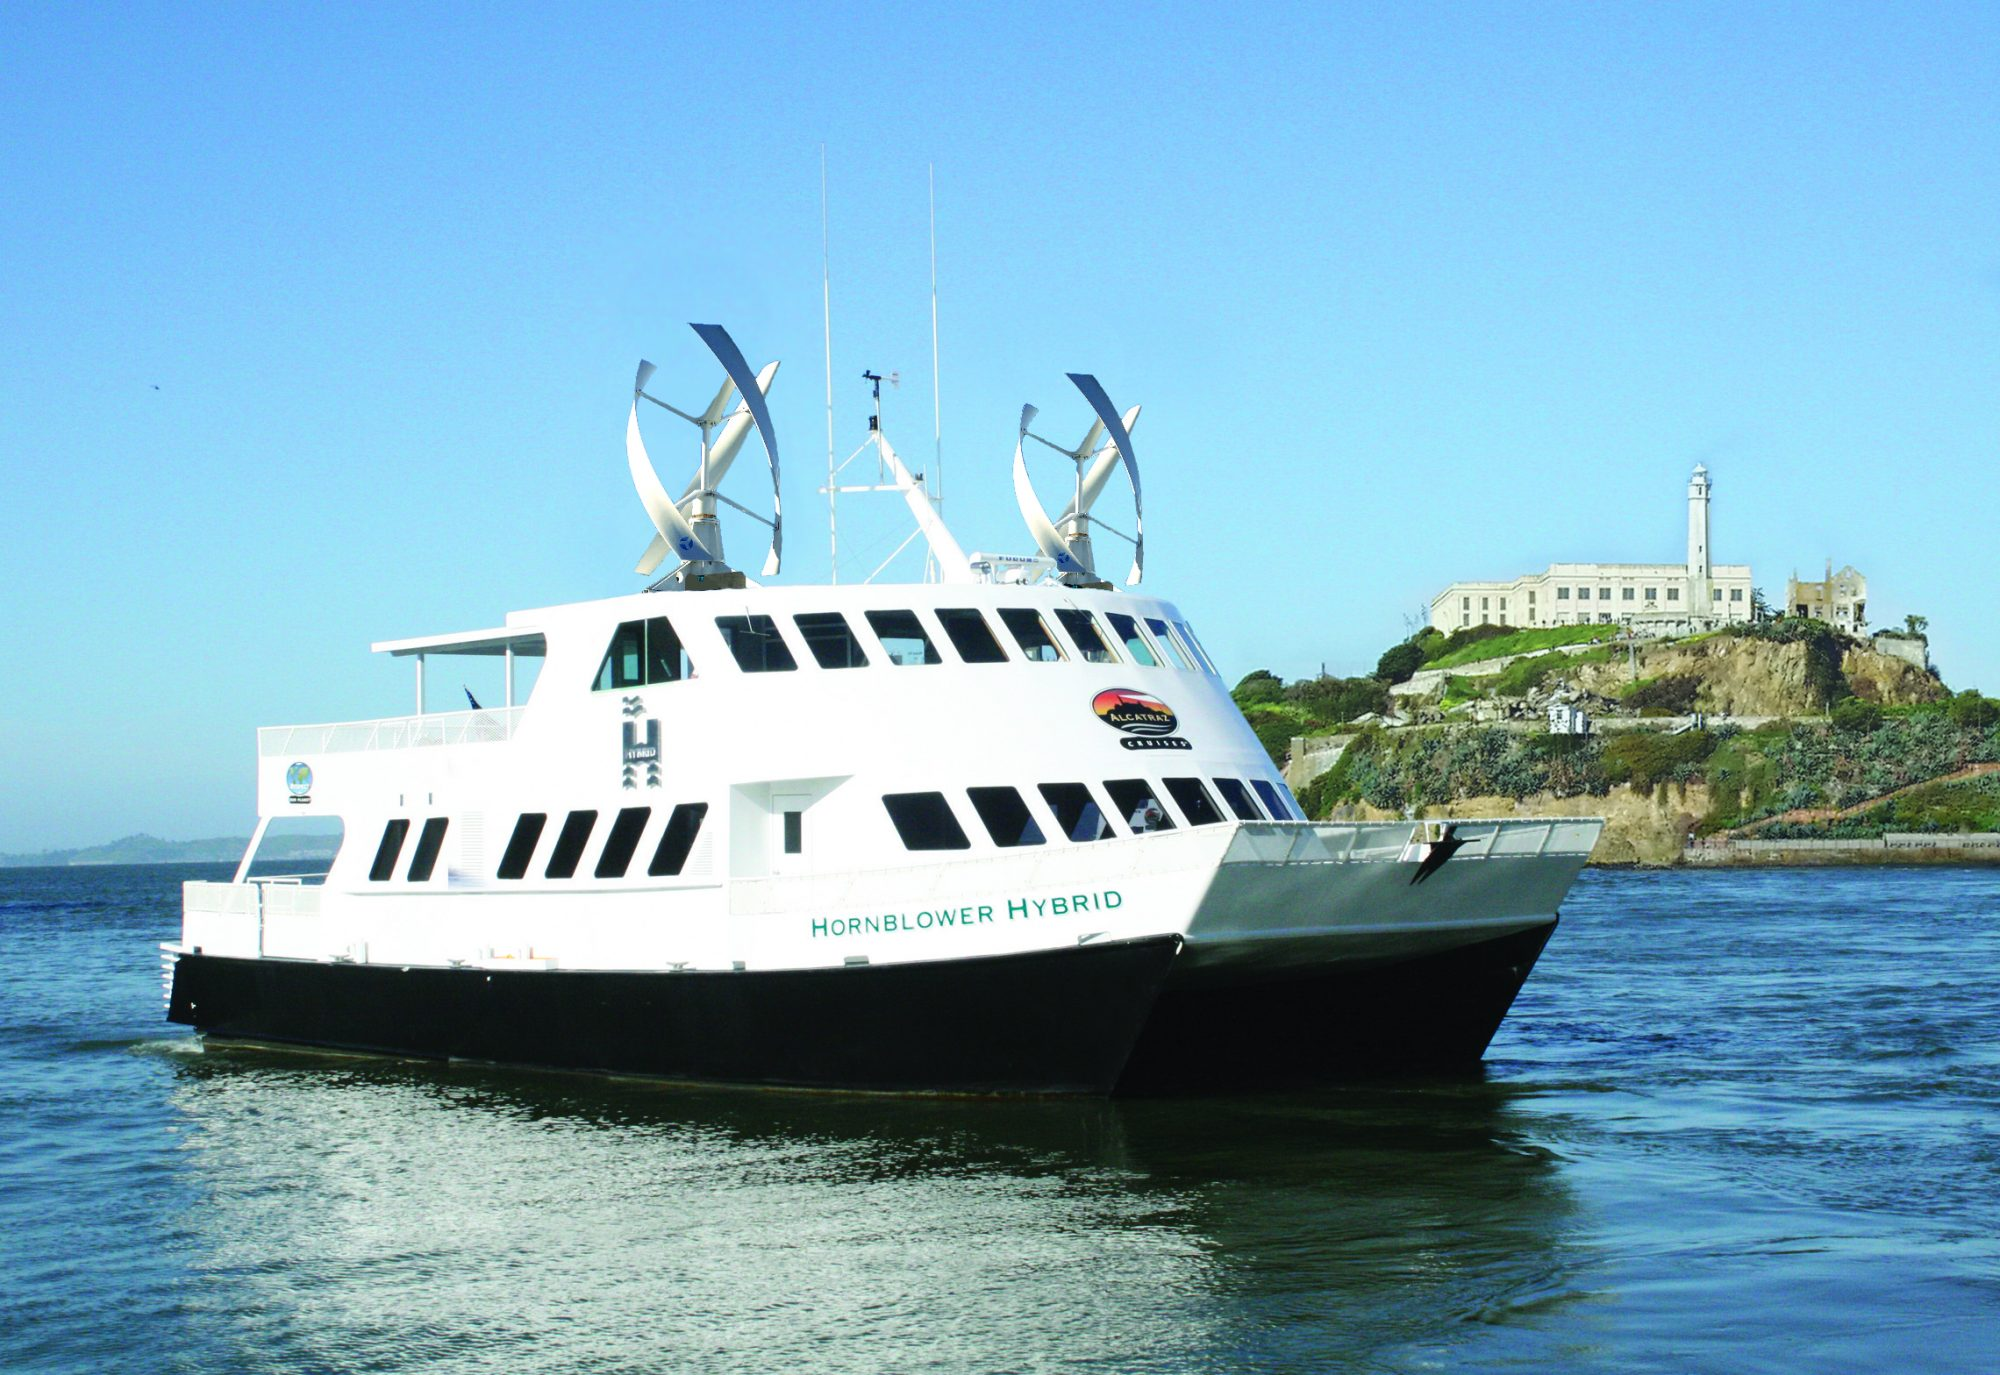 Hornblower-Hybrid-e1512419780886 (1)